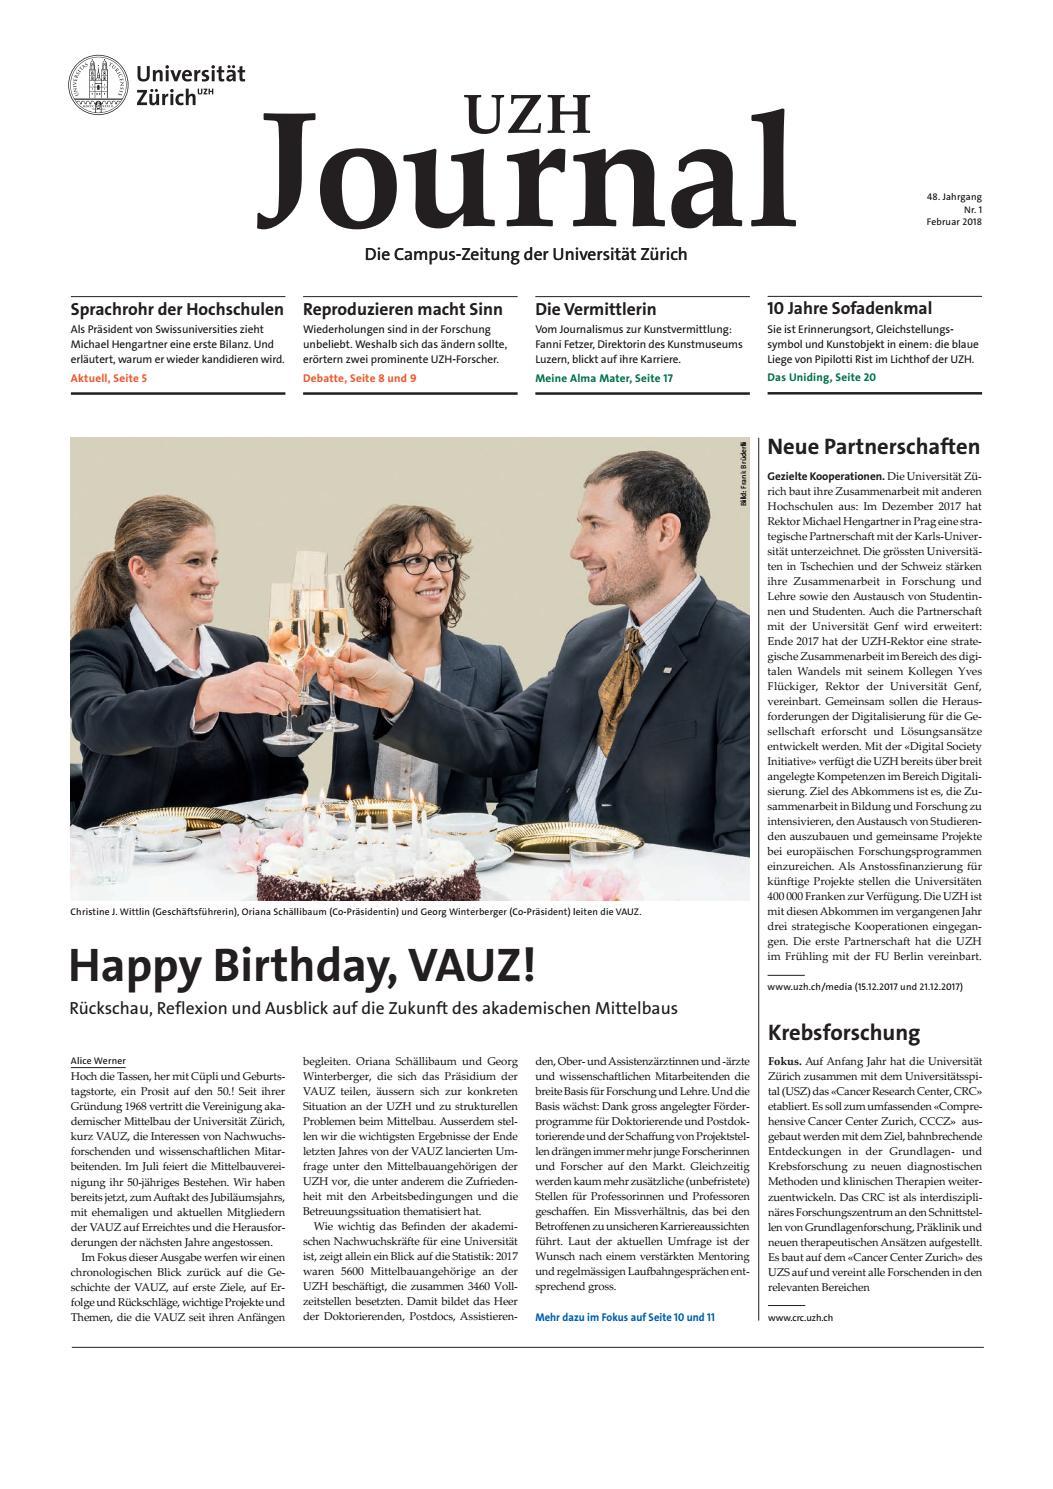 UZH Journal 1/18 by University of Zurich - issuu